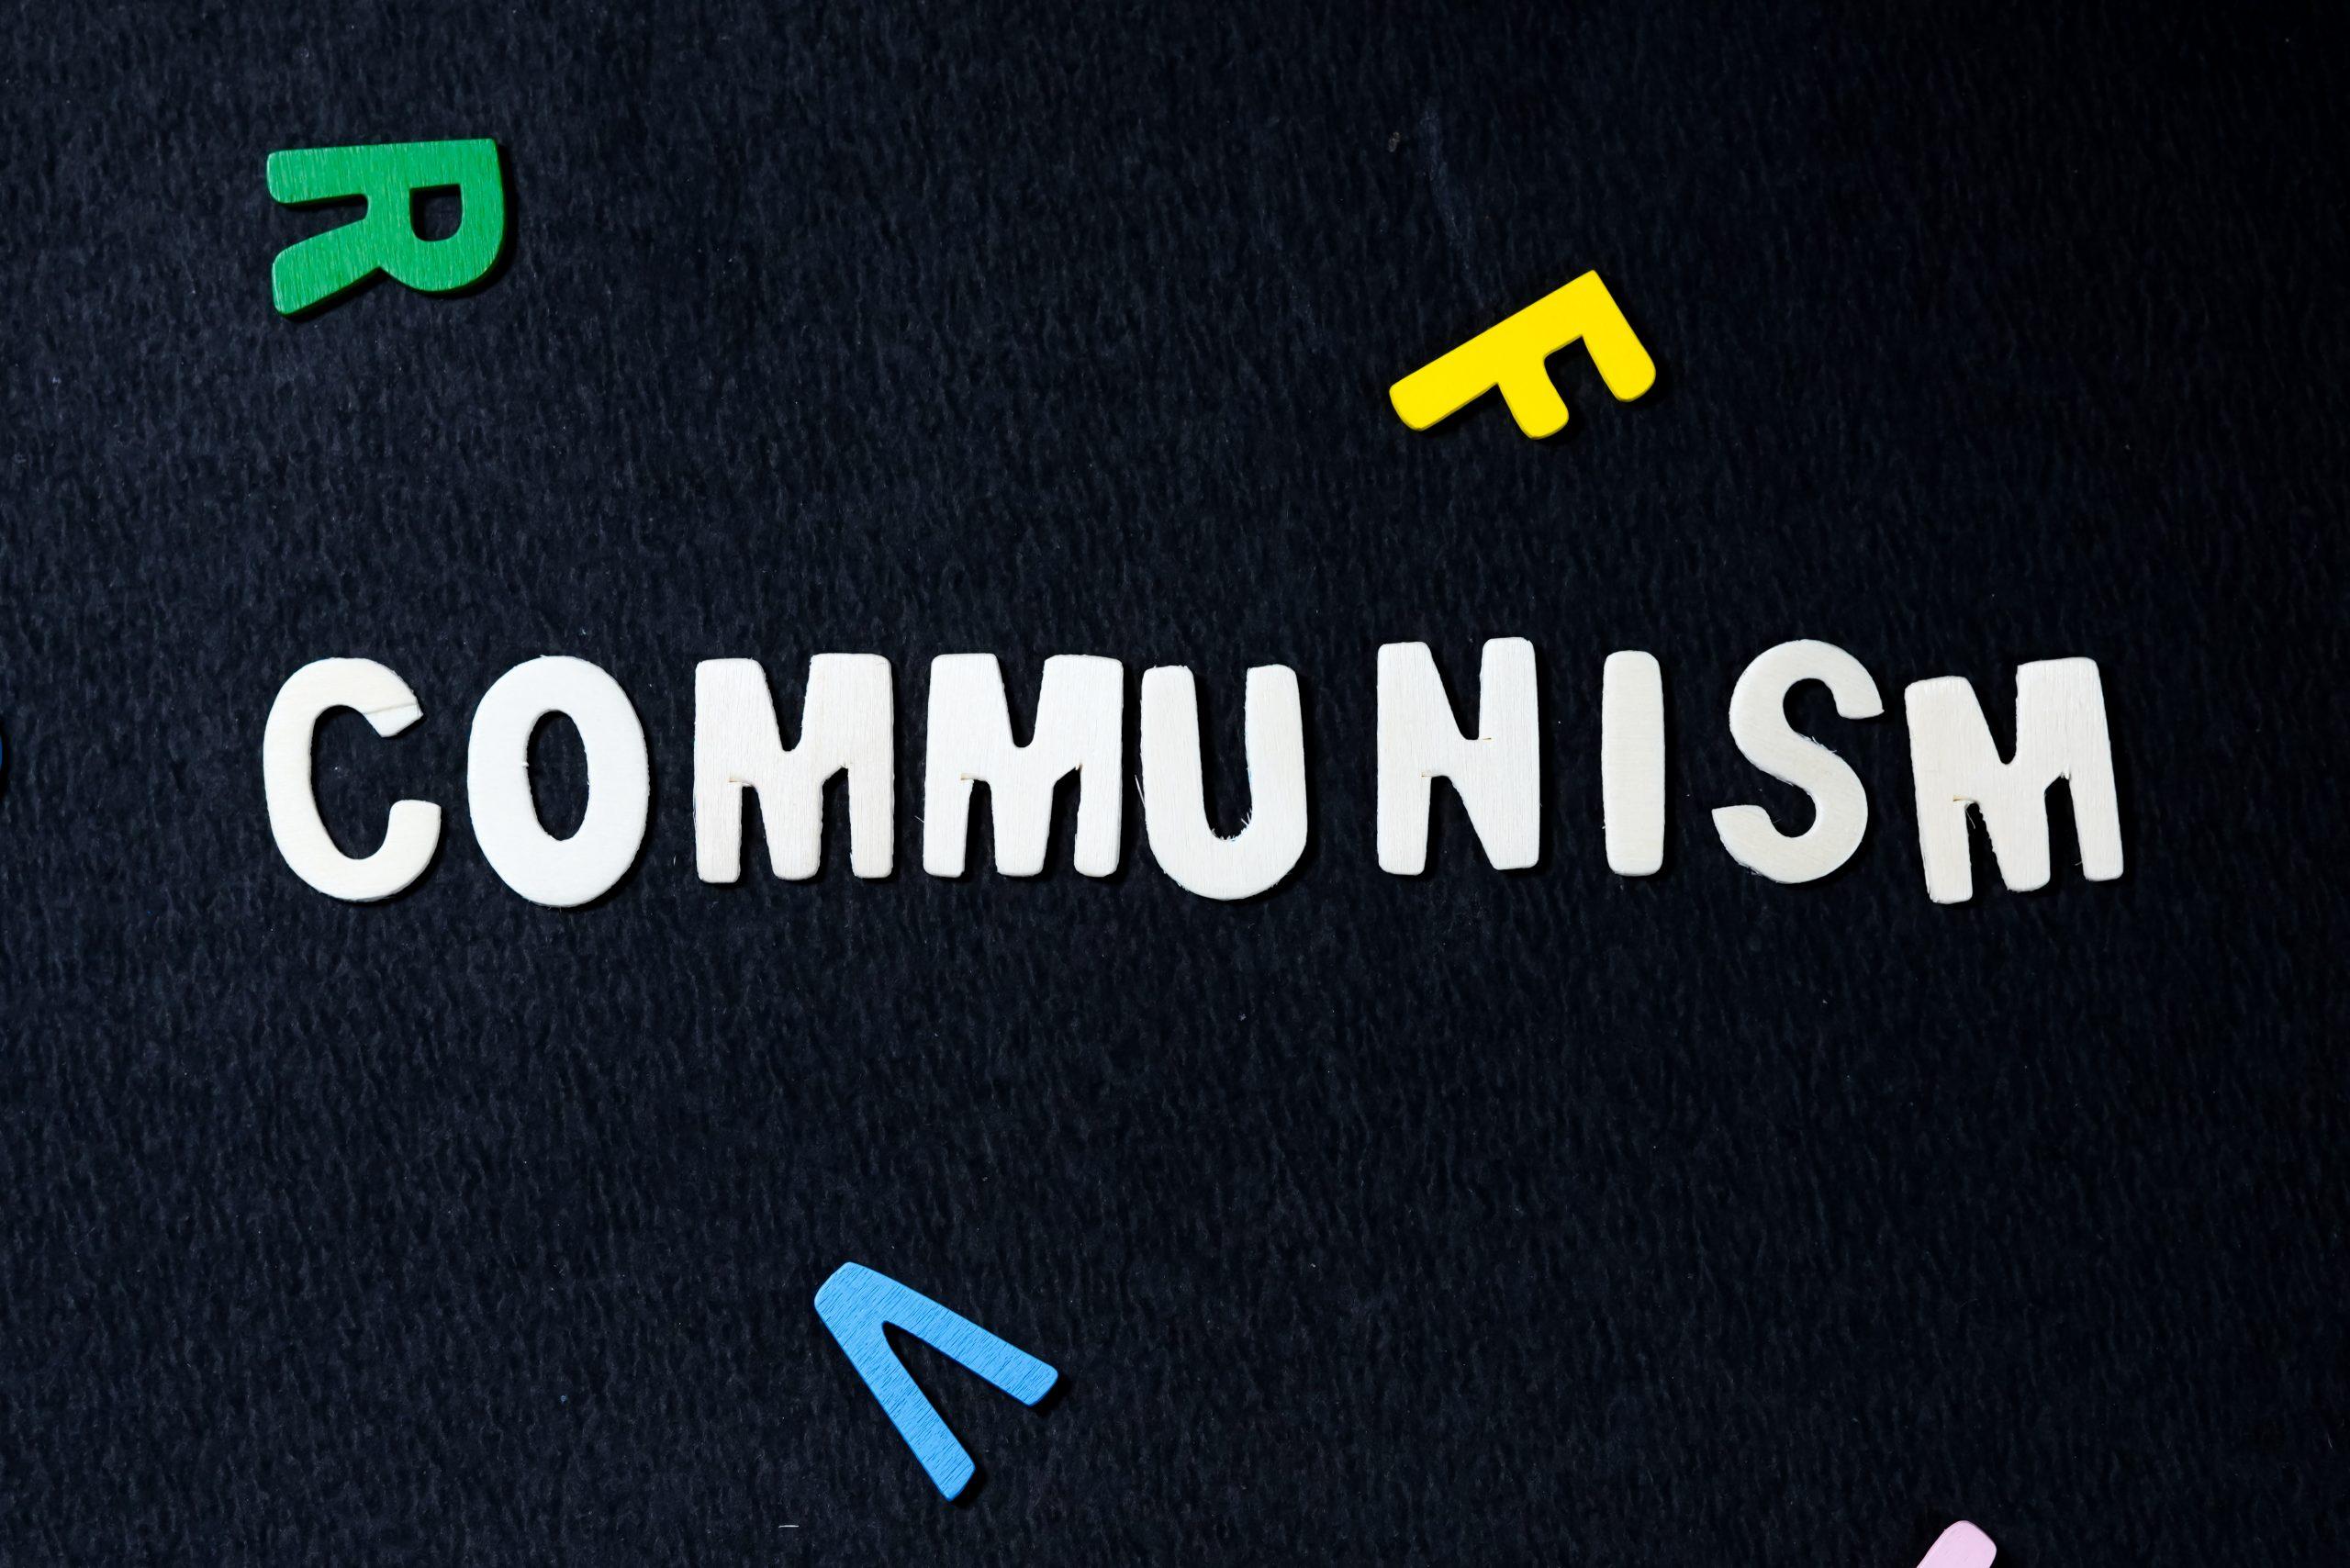 Communism written on scrabble